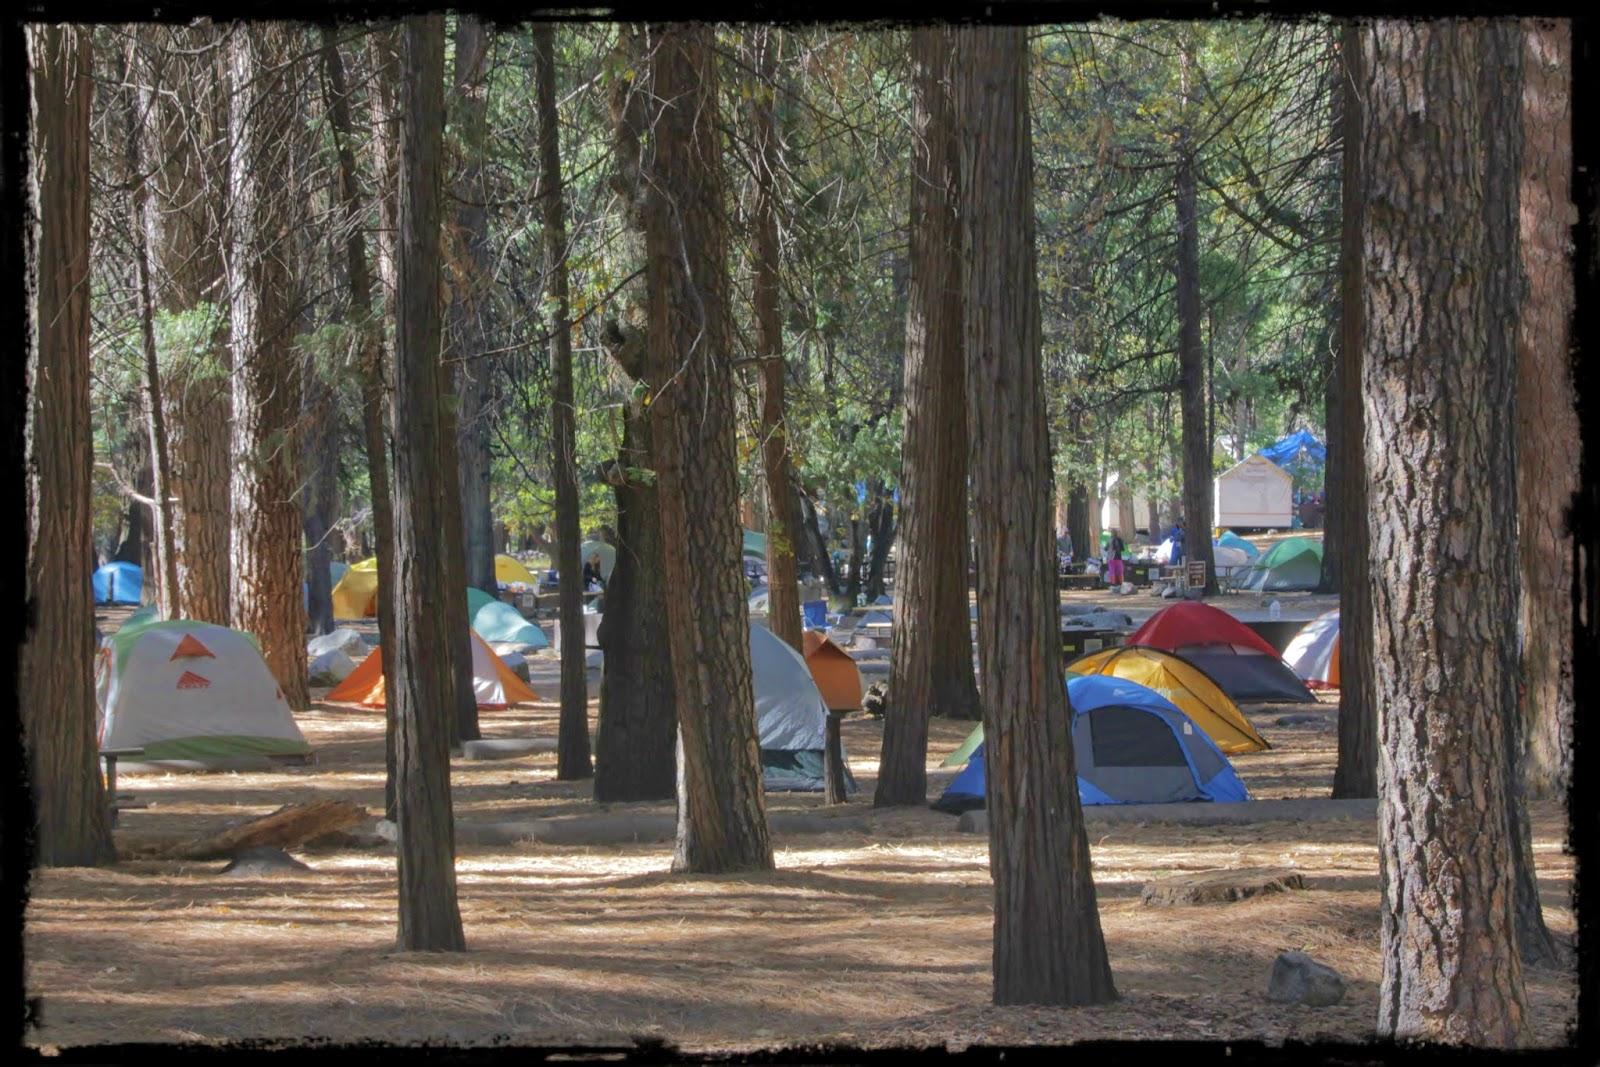 Camp 4, Yosemite National Park, California